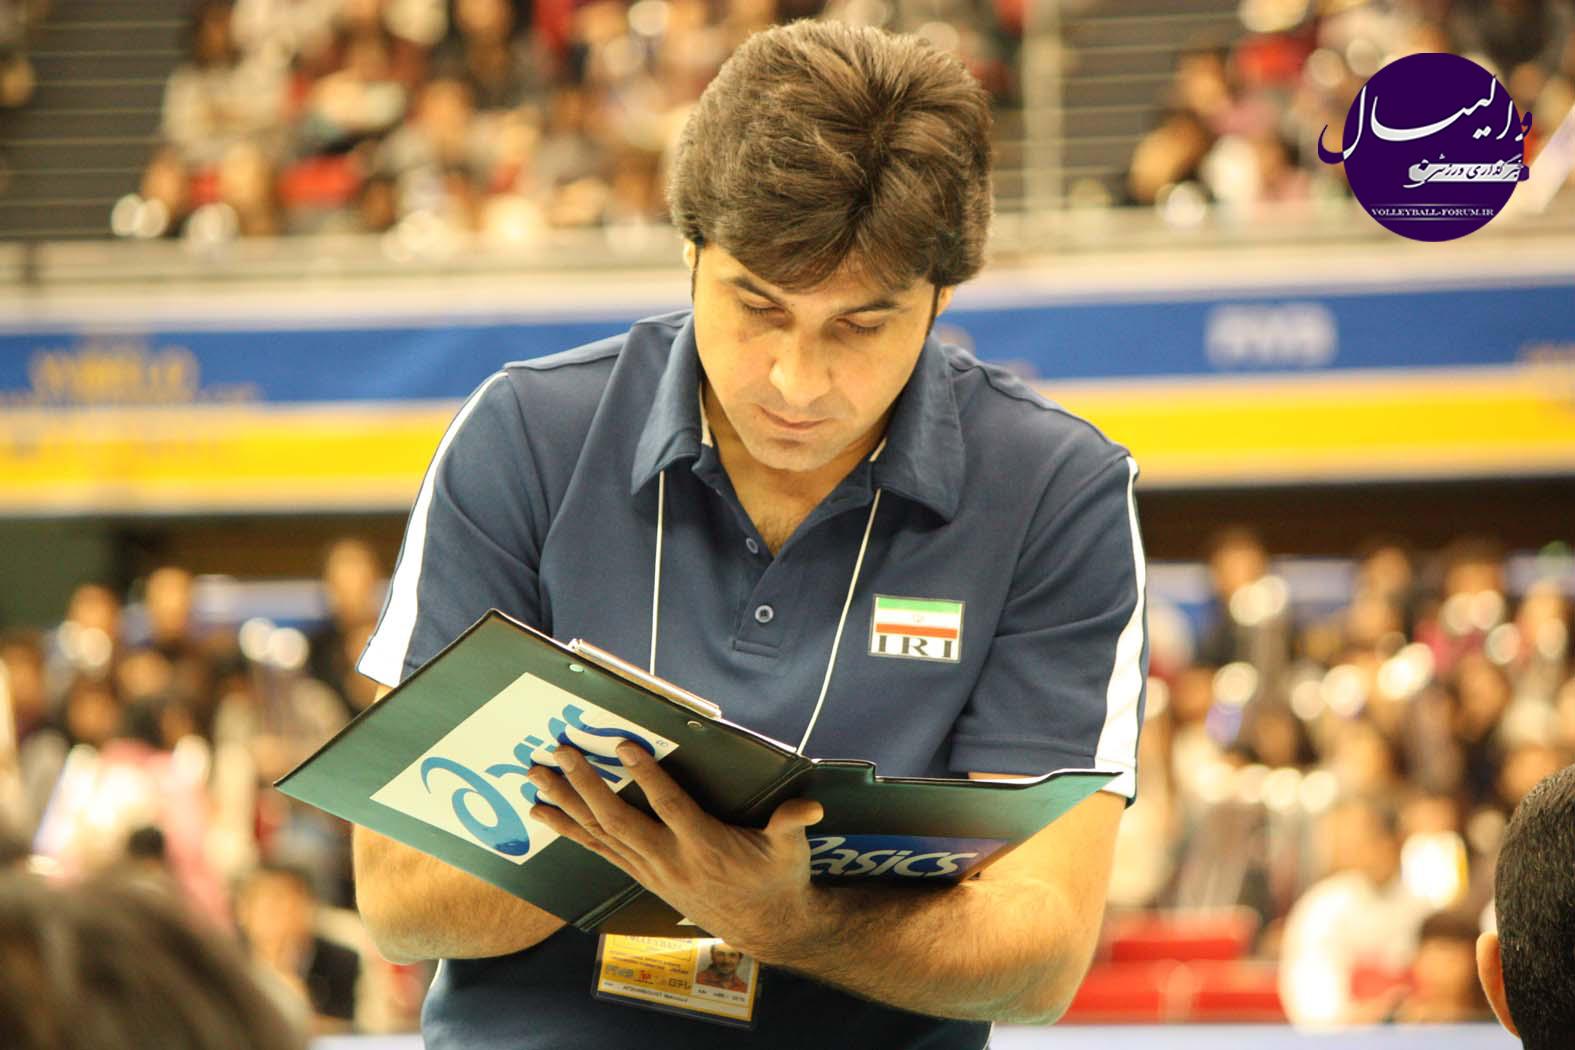 دبیر فدراسیون والیبال:همگروهی بابرزیل، ایتالیامُهر تاییدی بر پیشرفت ما بود/ میتوانیم به صعود امیدوار باشیم